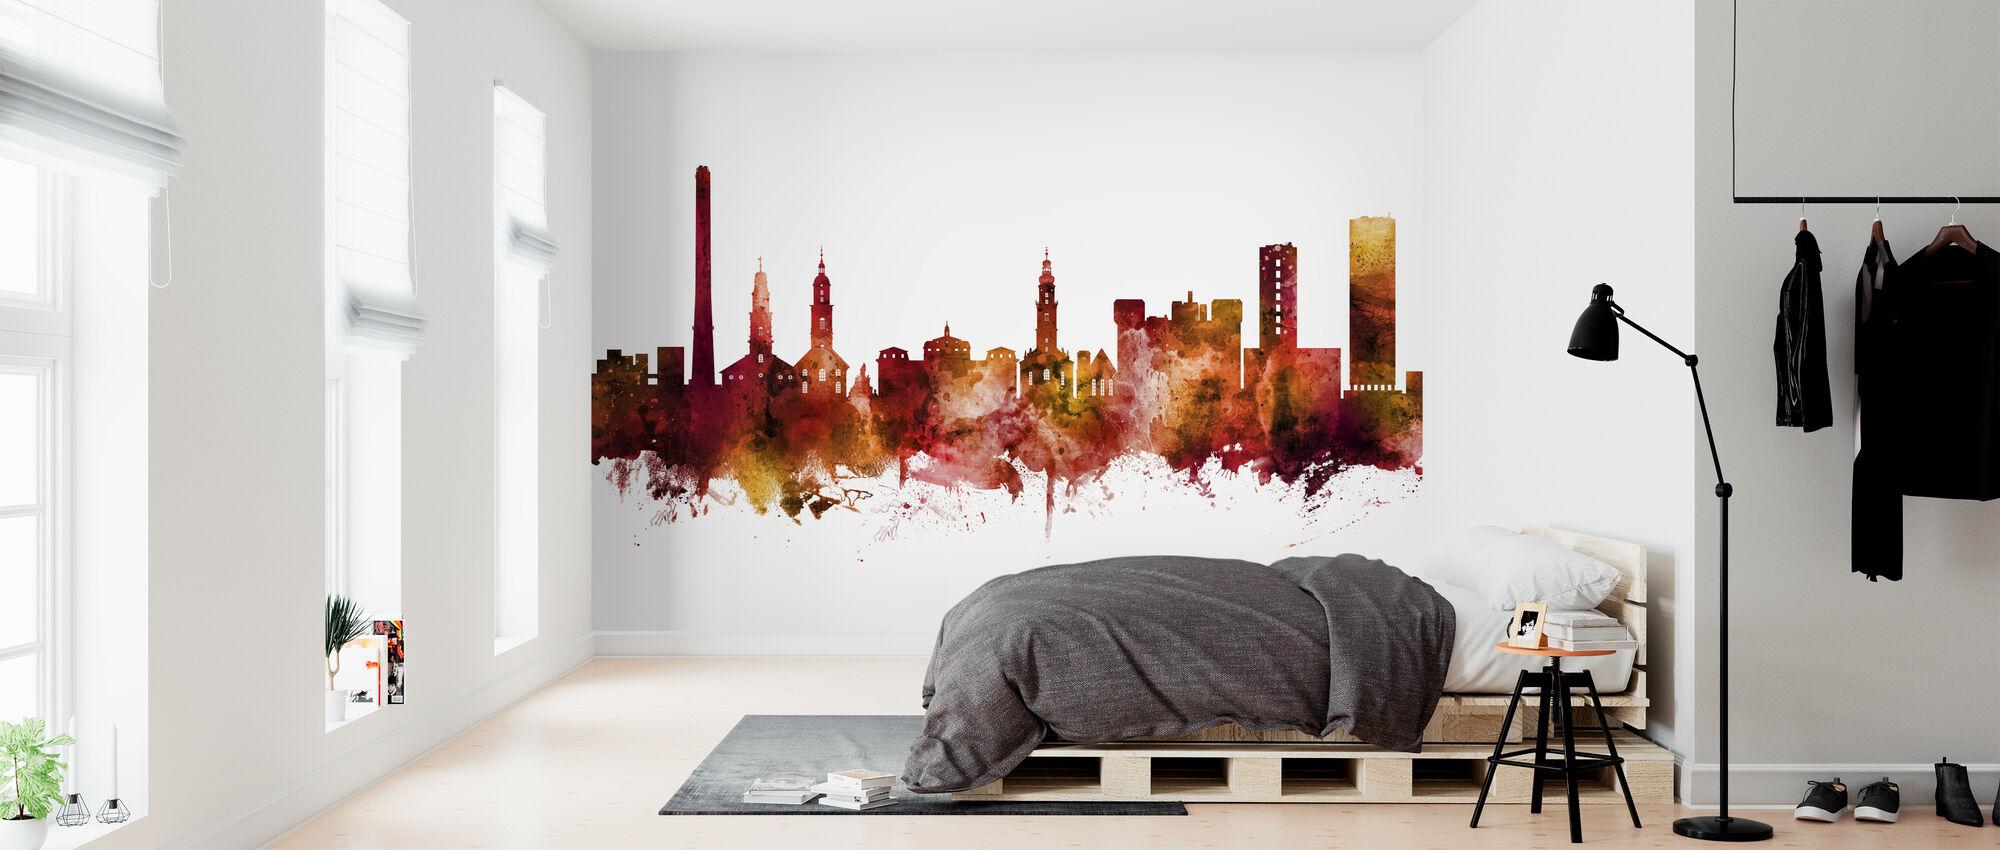 Erlangen Germany Skyline - Wallpaper - Bedroom